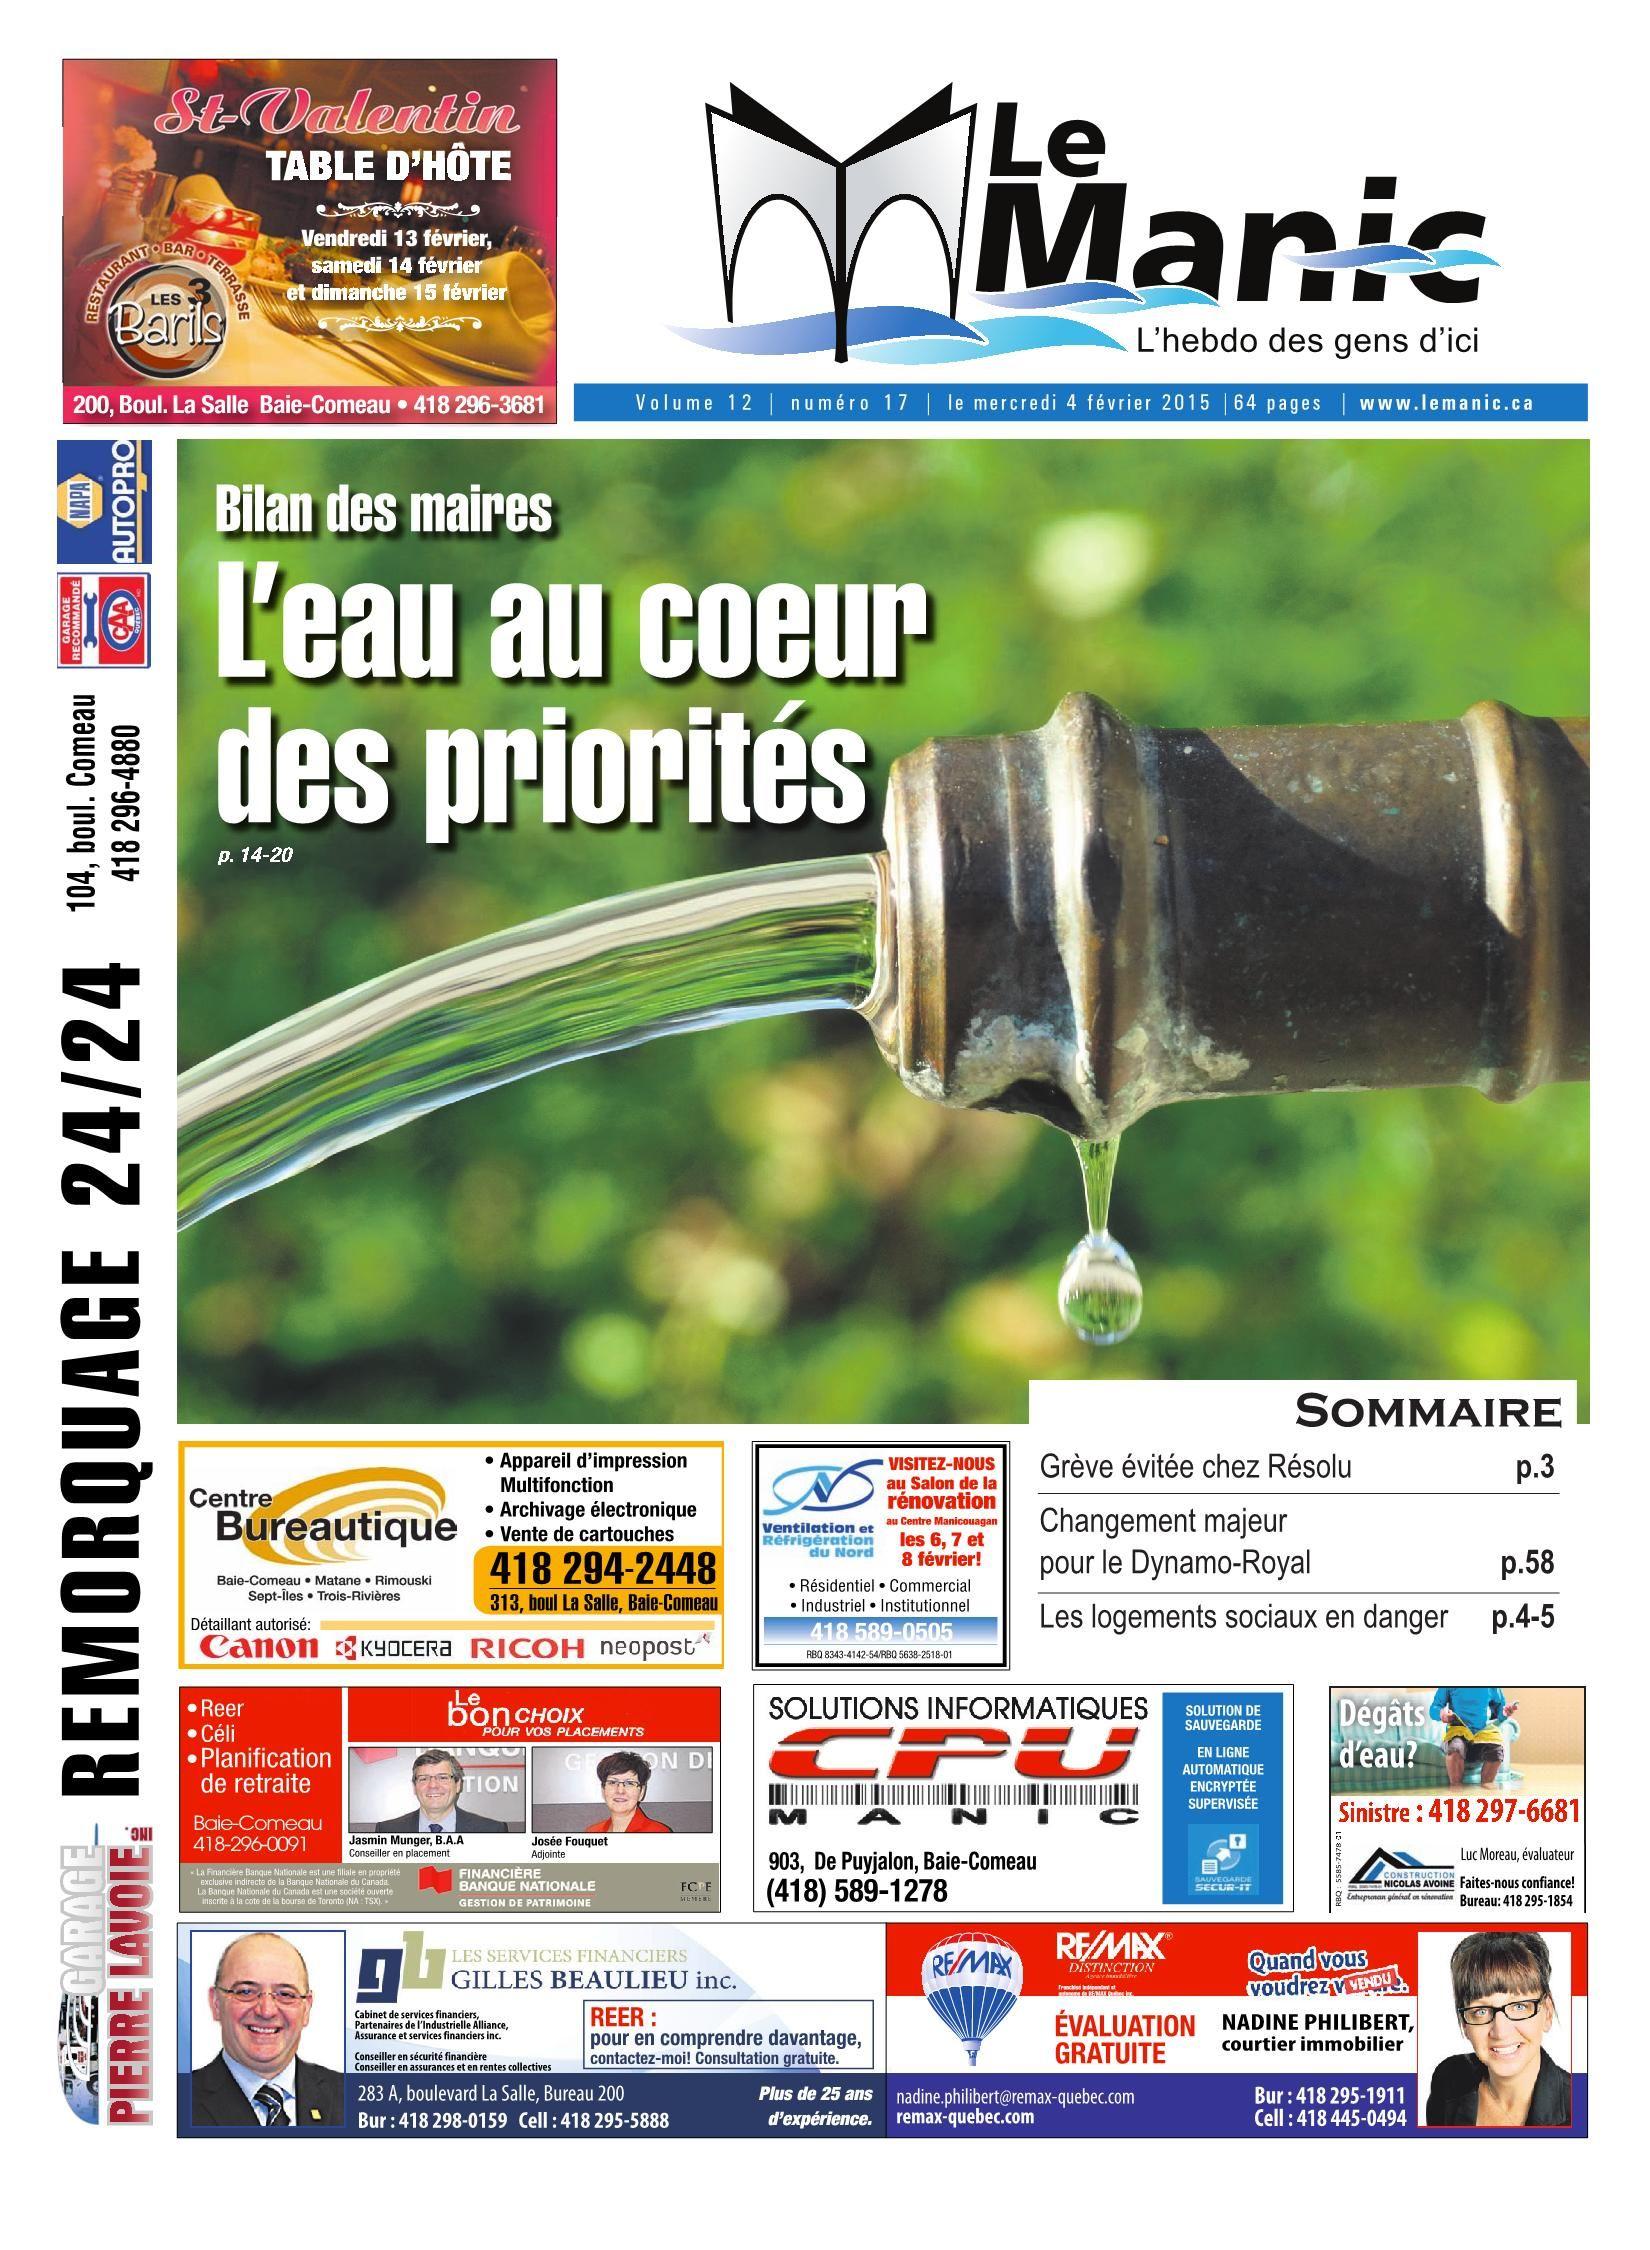 Menu De Noel Leclerc Élégant Le Manic 04 Février 2015 Pages 1 50 Text Version Of 37 Élégant Menu De Noel Leclerc